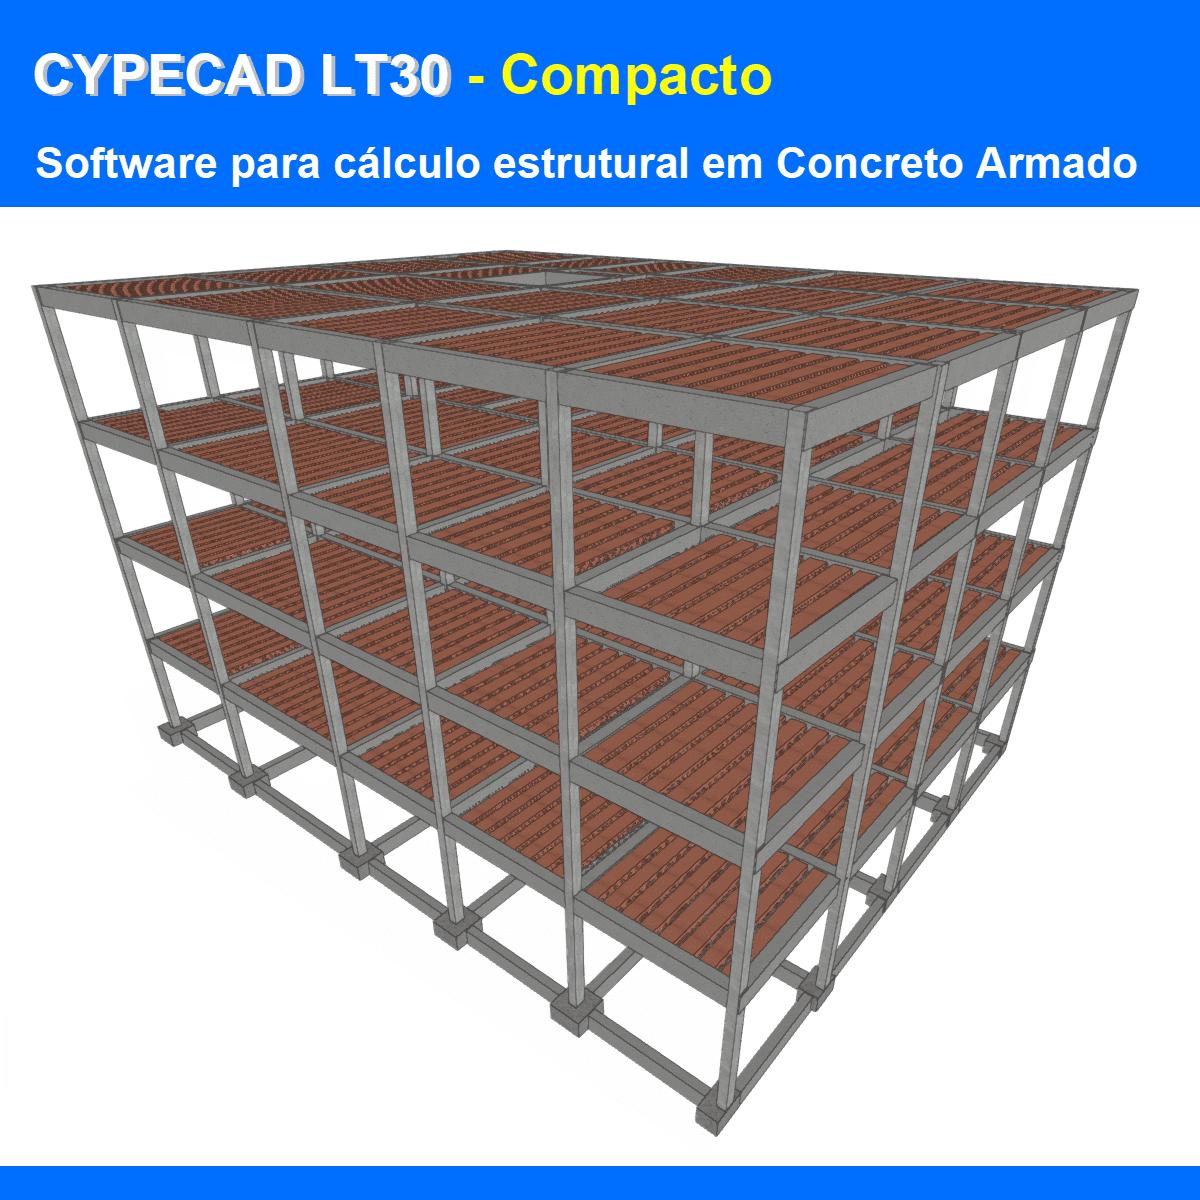 """Software CYPECAD LT30 Compacto versão 2021 (Licença Eletrônica) incluindo a modulação descrita em """"Itens Inclusos"""" a seguir  - MULTIPLUS SOFTWARES"""